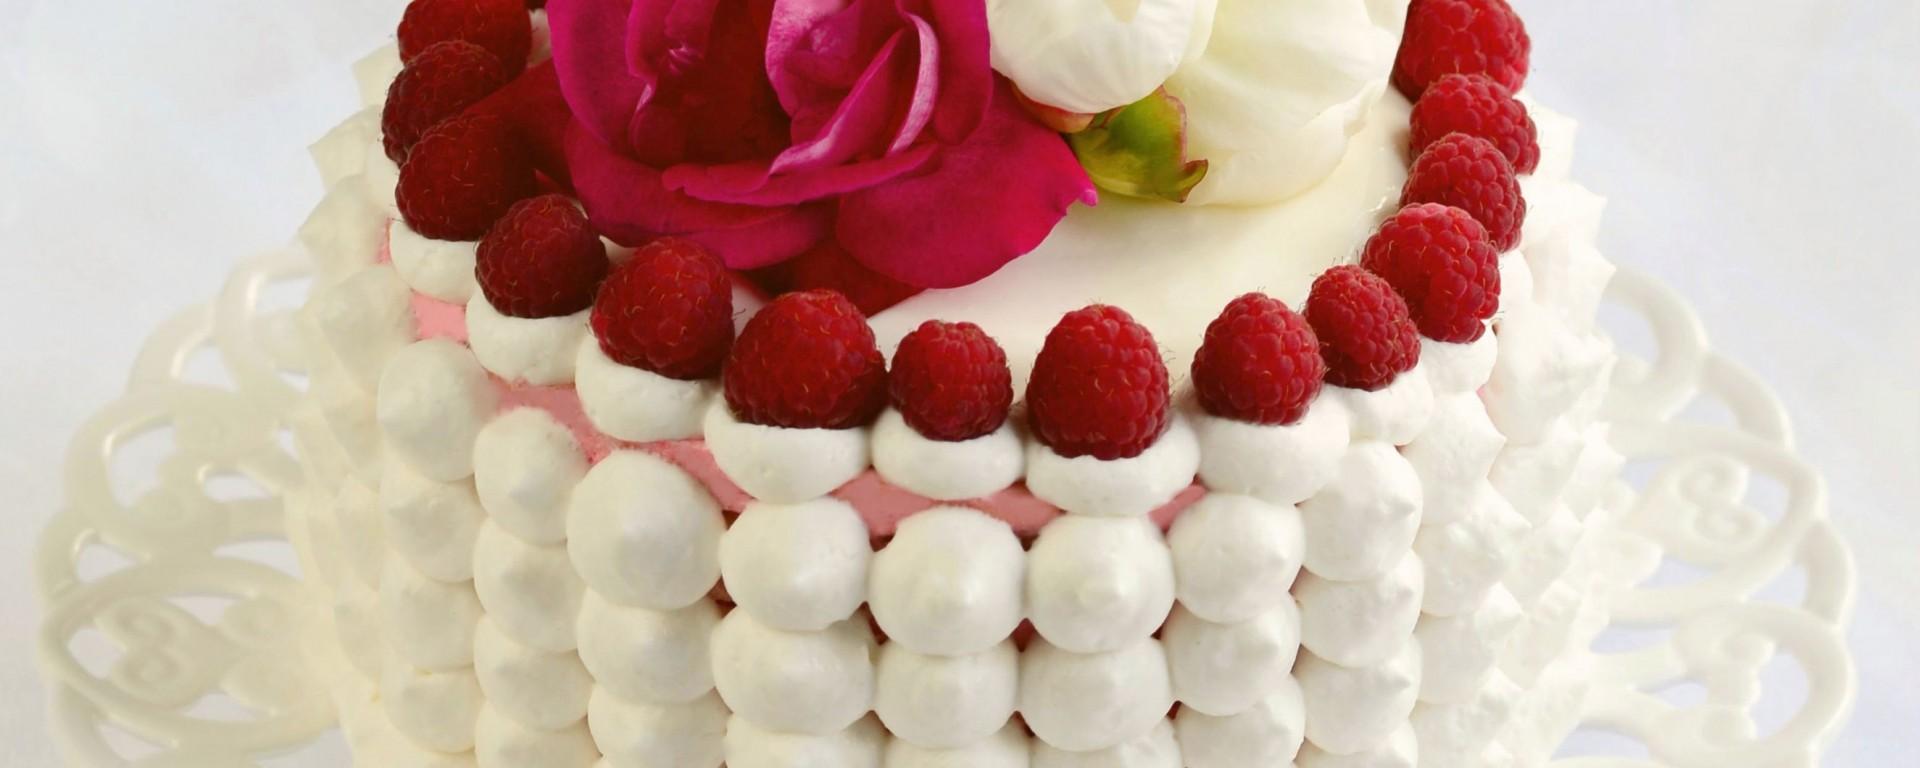 Външен поглед: Торта с бадемови палачинки и сладко от Рози и Малини – Вкусното хоби на Таня